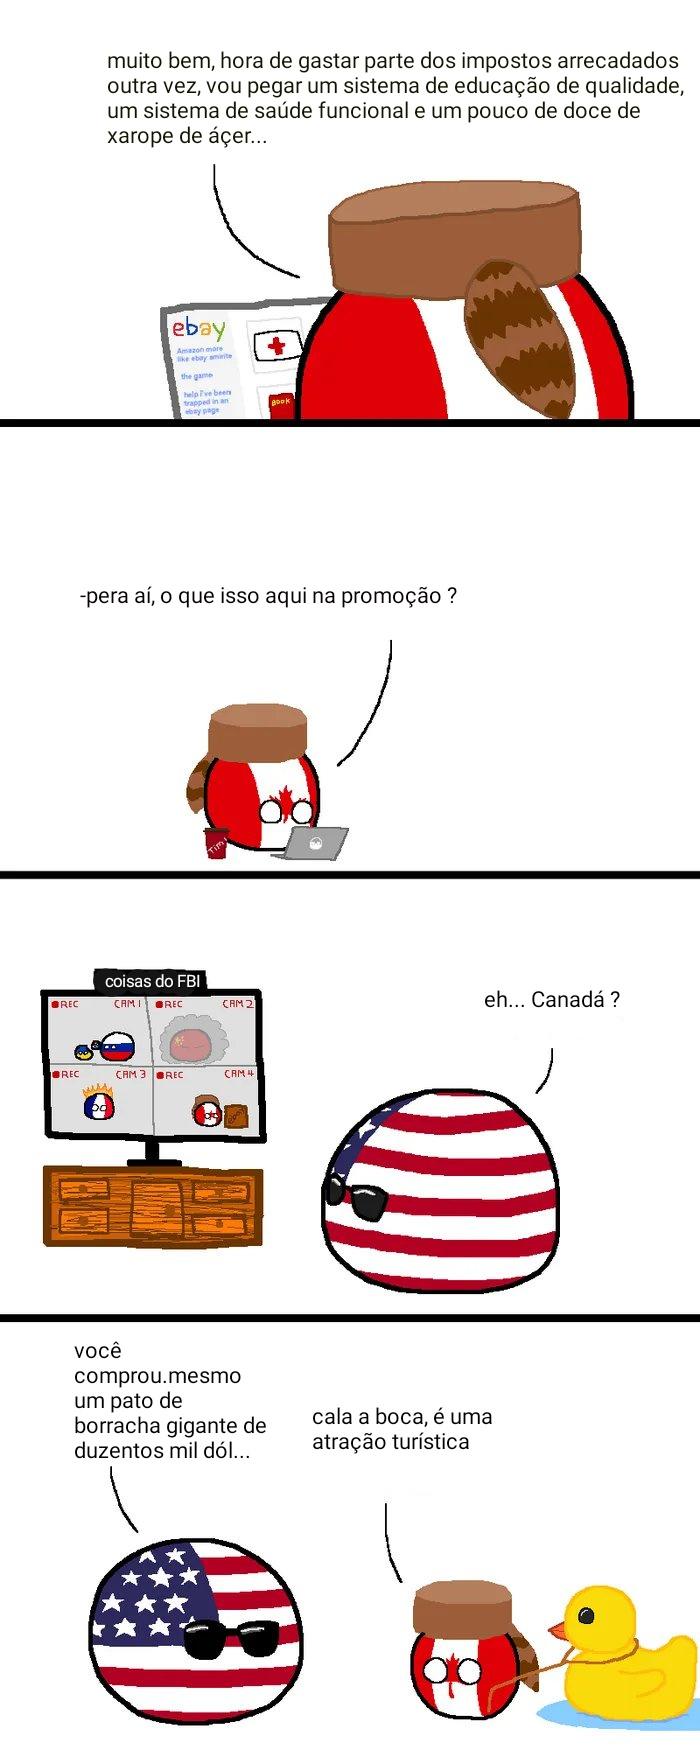 Eu já mencionei que eu amo essas tirinhas dos países. Fonte: 9GAG - meme